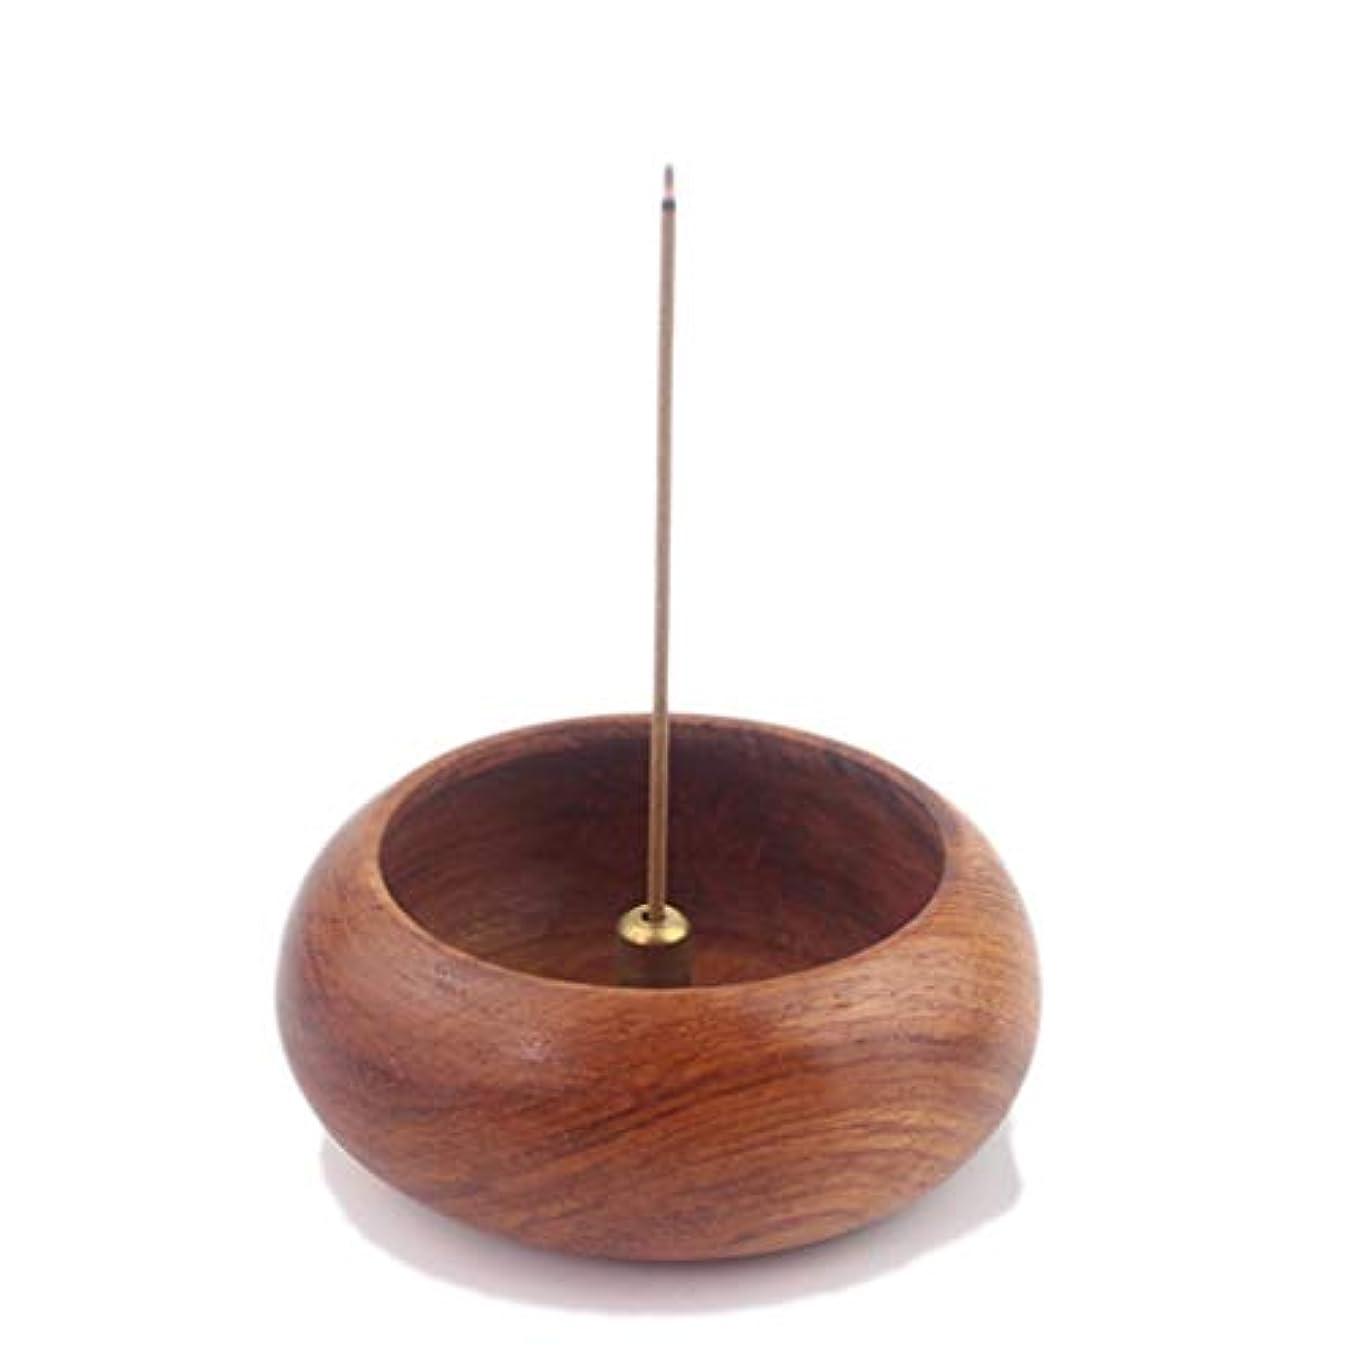 冒険起点バインドローズウッドボウル型香炉ホルダーキャンドルアロマセラピー炉香ホルダーホームリビングルーム香バーナー装飾 (Color : Wood, サイズ : 6.2*2.4cm)